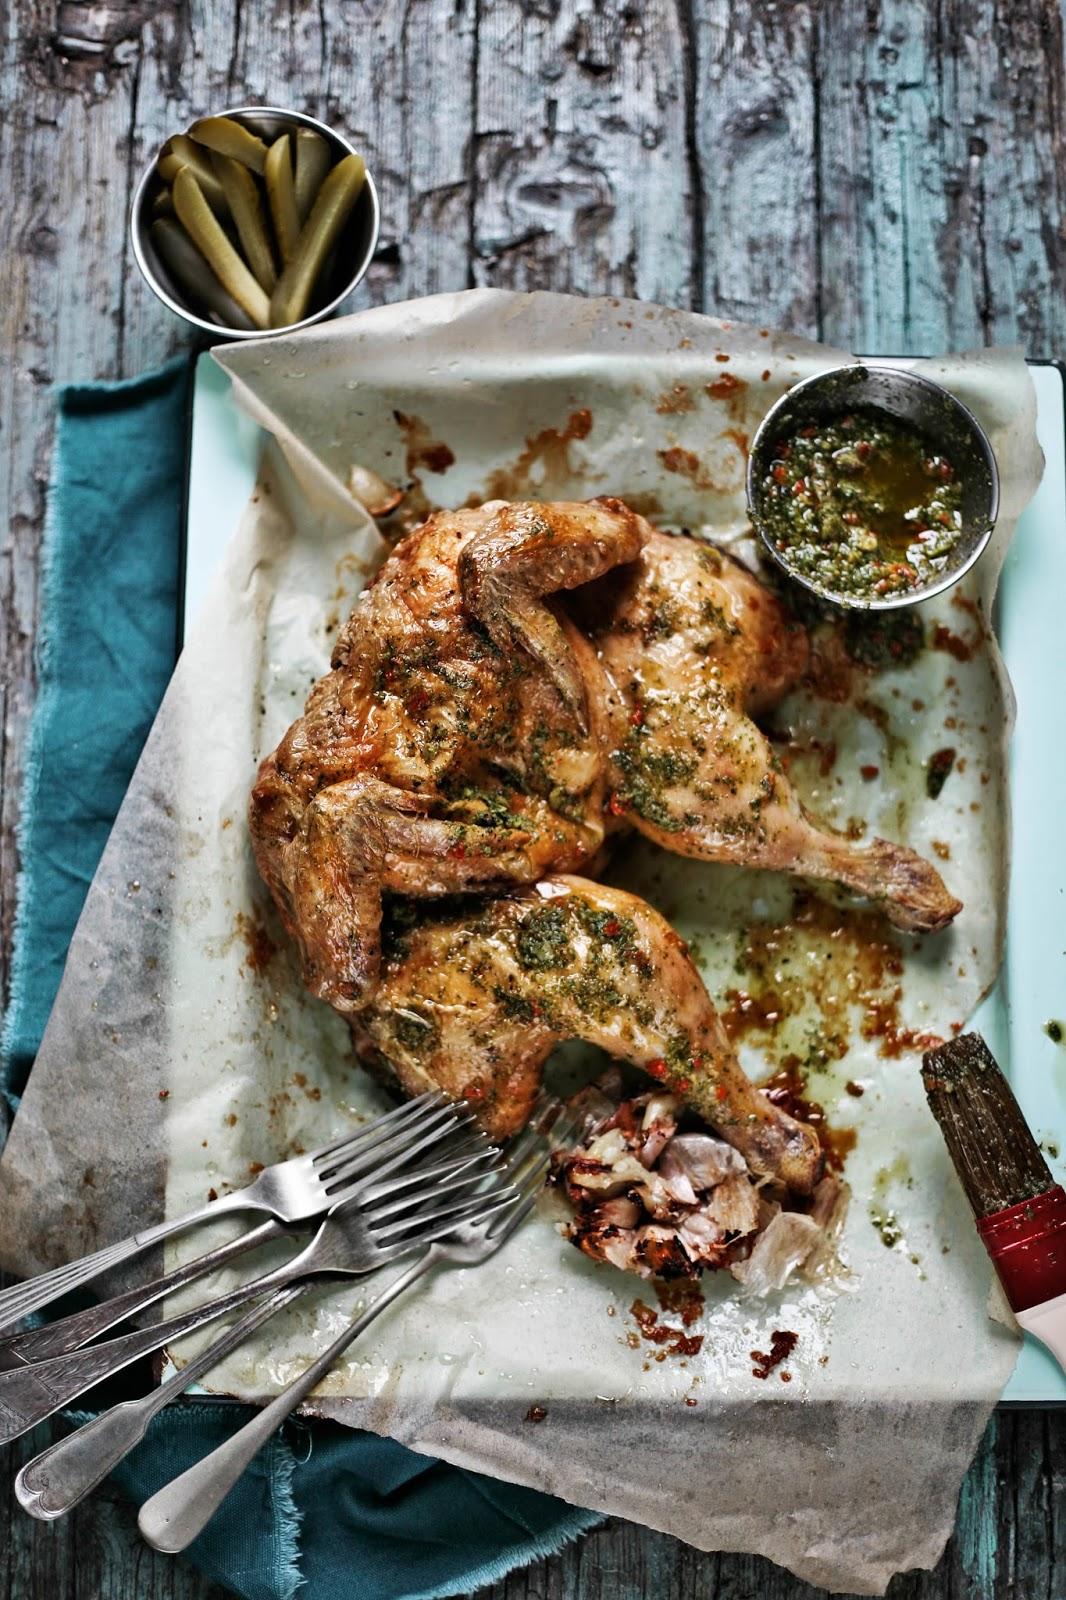 frango assado com molho verde e chili # roasted chicken with molho verde and chili